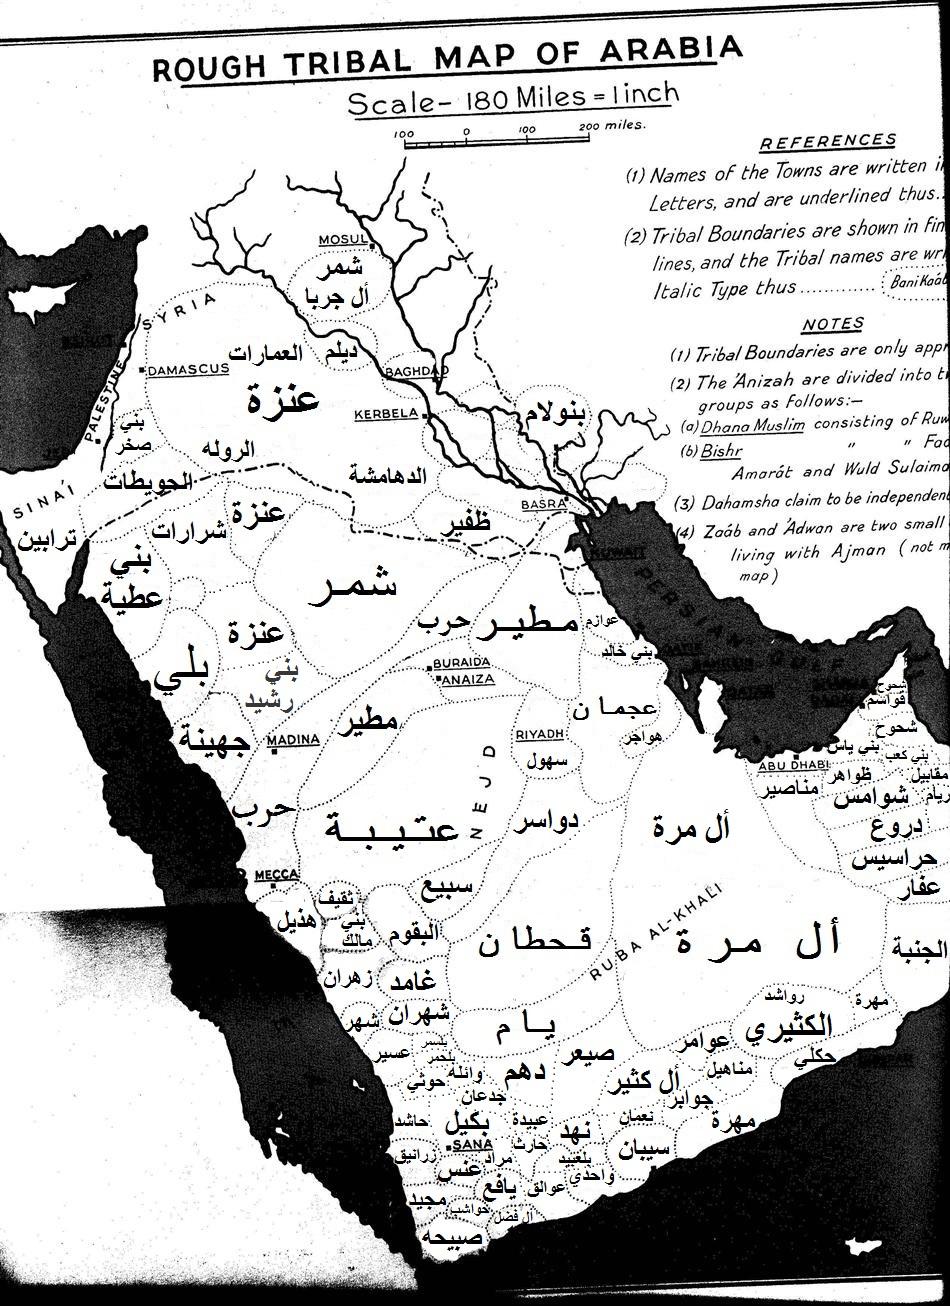 ملف خريطة قبائل الجزيرة العربية و السعودية و اليمن لمستشرق أنجليزي قبل مئة سنة وضعها المستشرق هارولد ديكسون Jpg ويكيبيديا